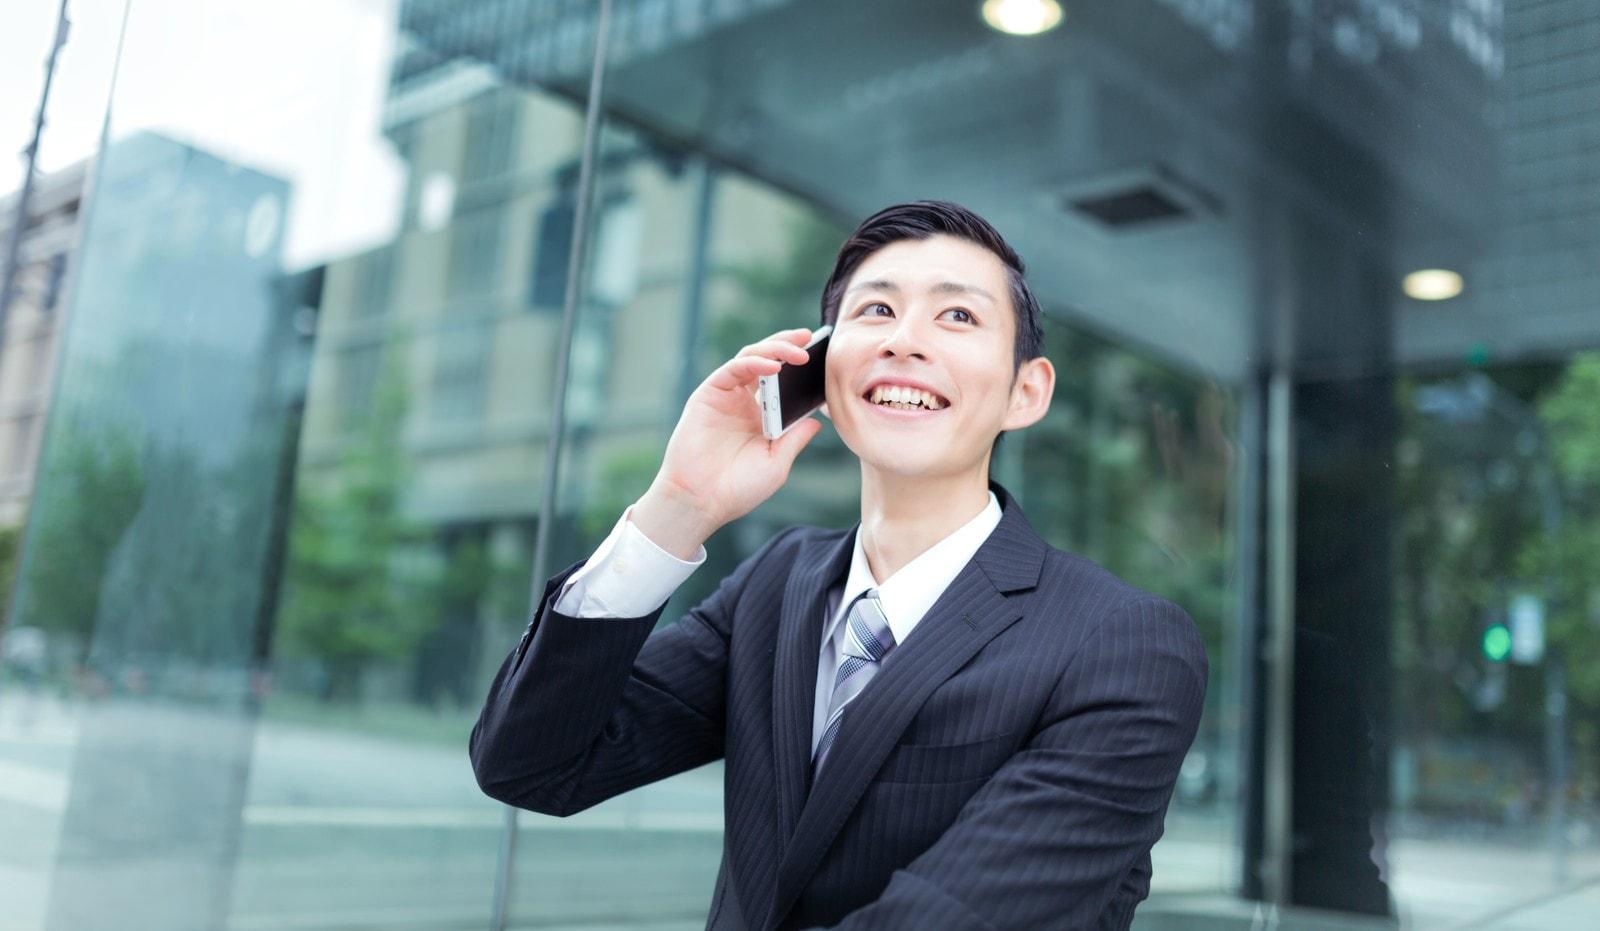 留学生用アメリカ就職ガイド 専攻選択・OPT・就労ビザ申請まで知っておくべきこと